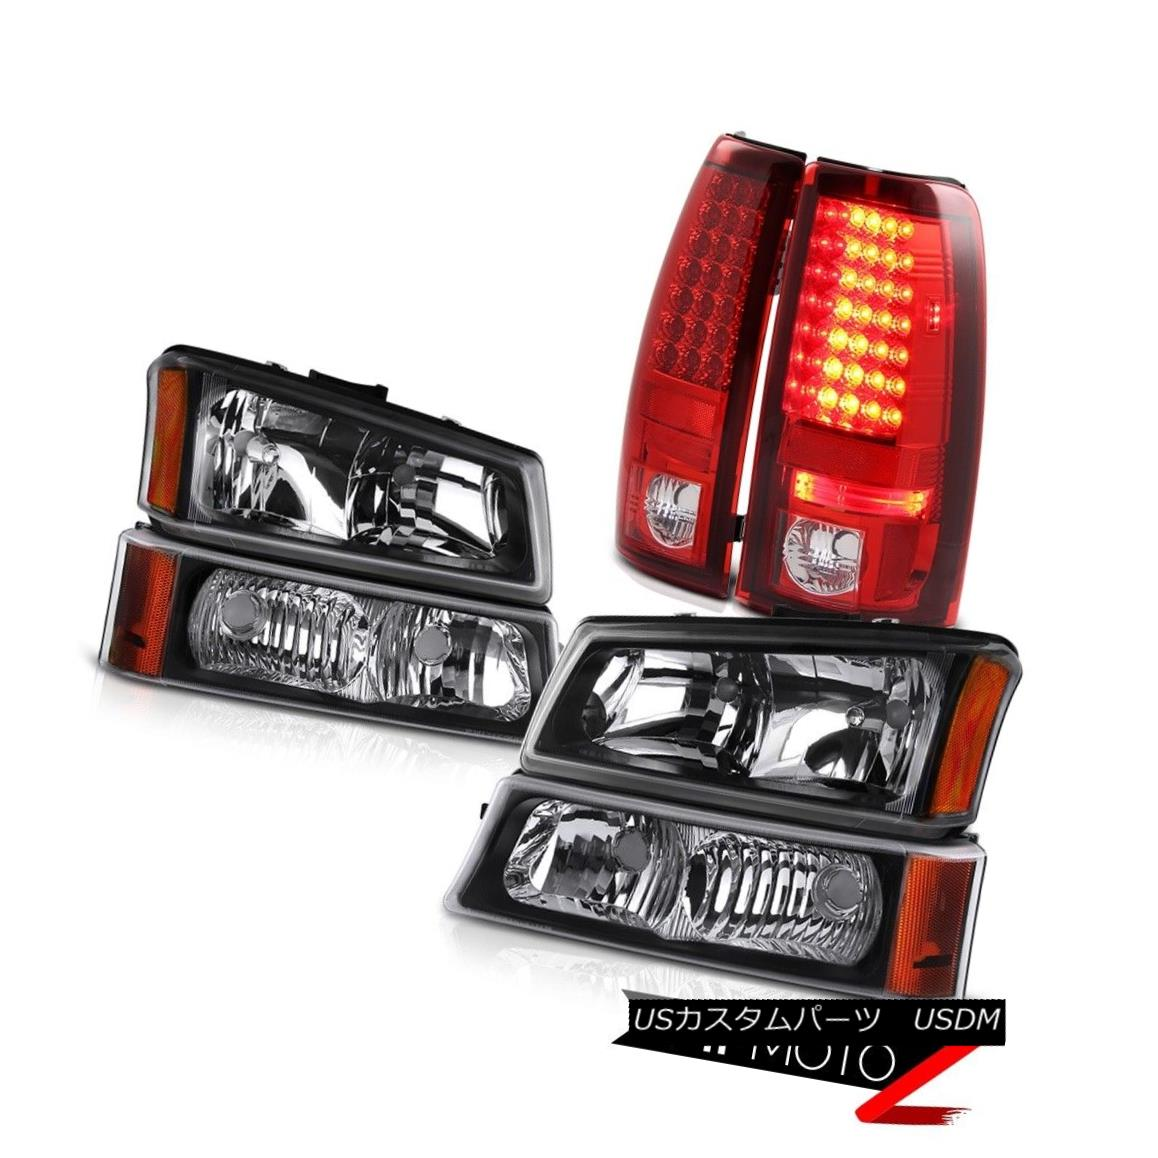 テールライト Headlights Signal Bumper LED Bulb Brake Tail Lights 03 04 05 06 Silverado 1500 ヘッドライト信号バンパーLED電球ブレーキテールライト03 04 05 06シルバラード1500